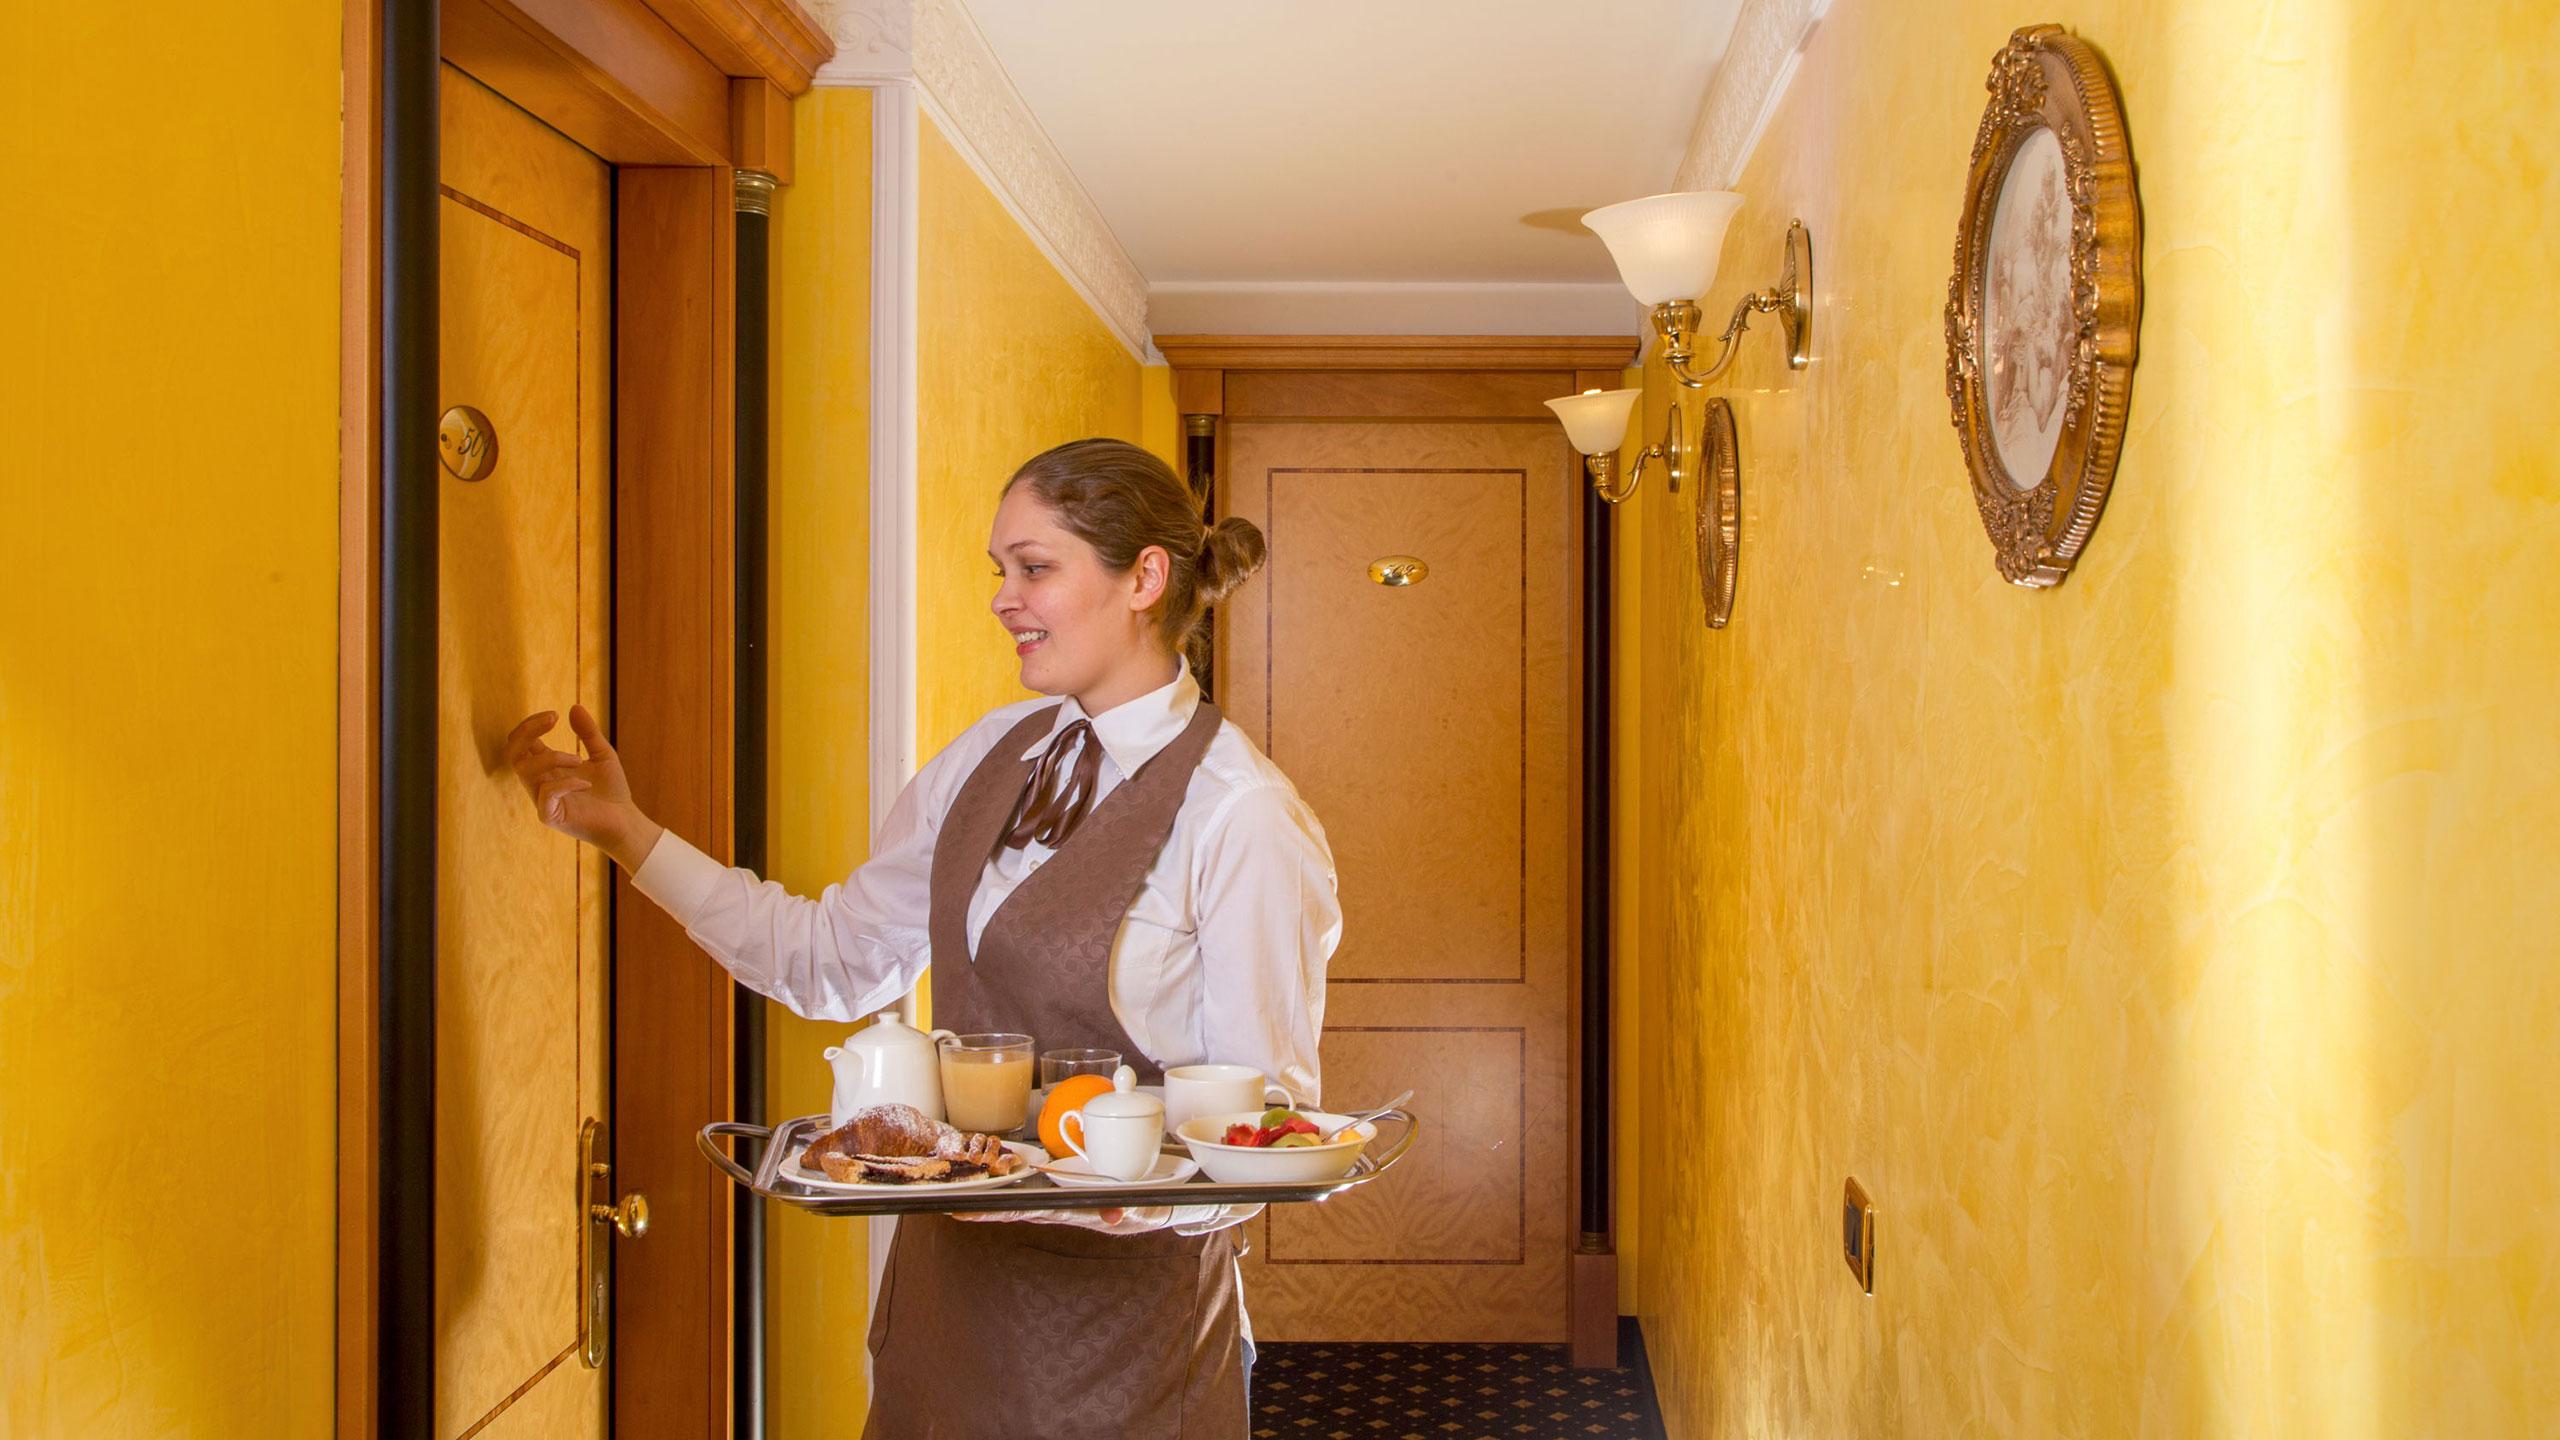 albergo-ottocento-rome-déjeuner-09